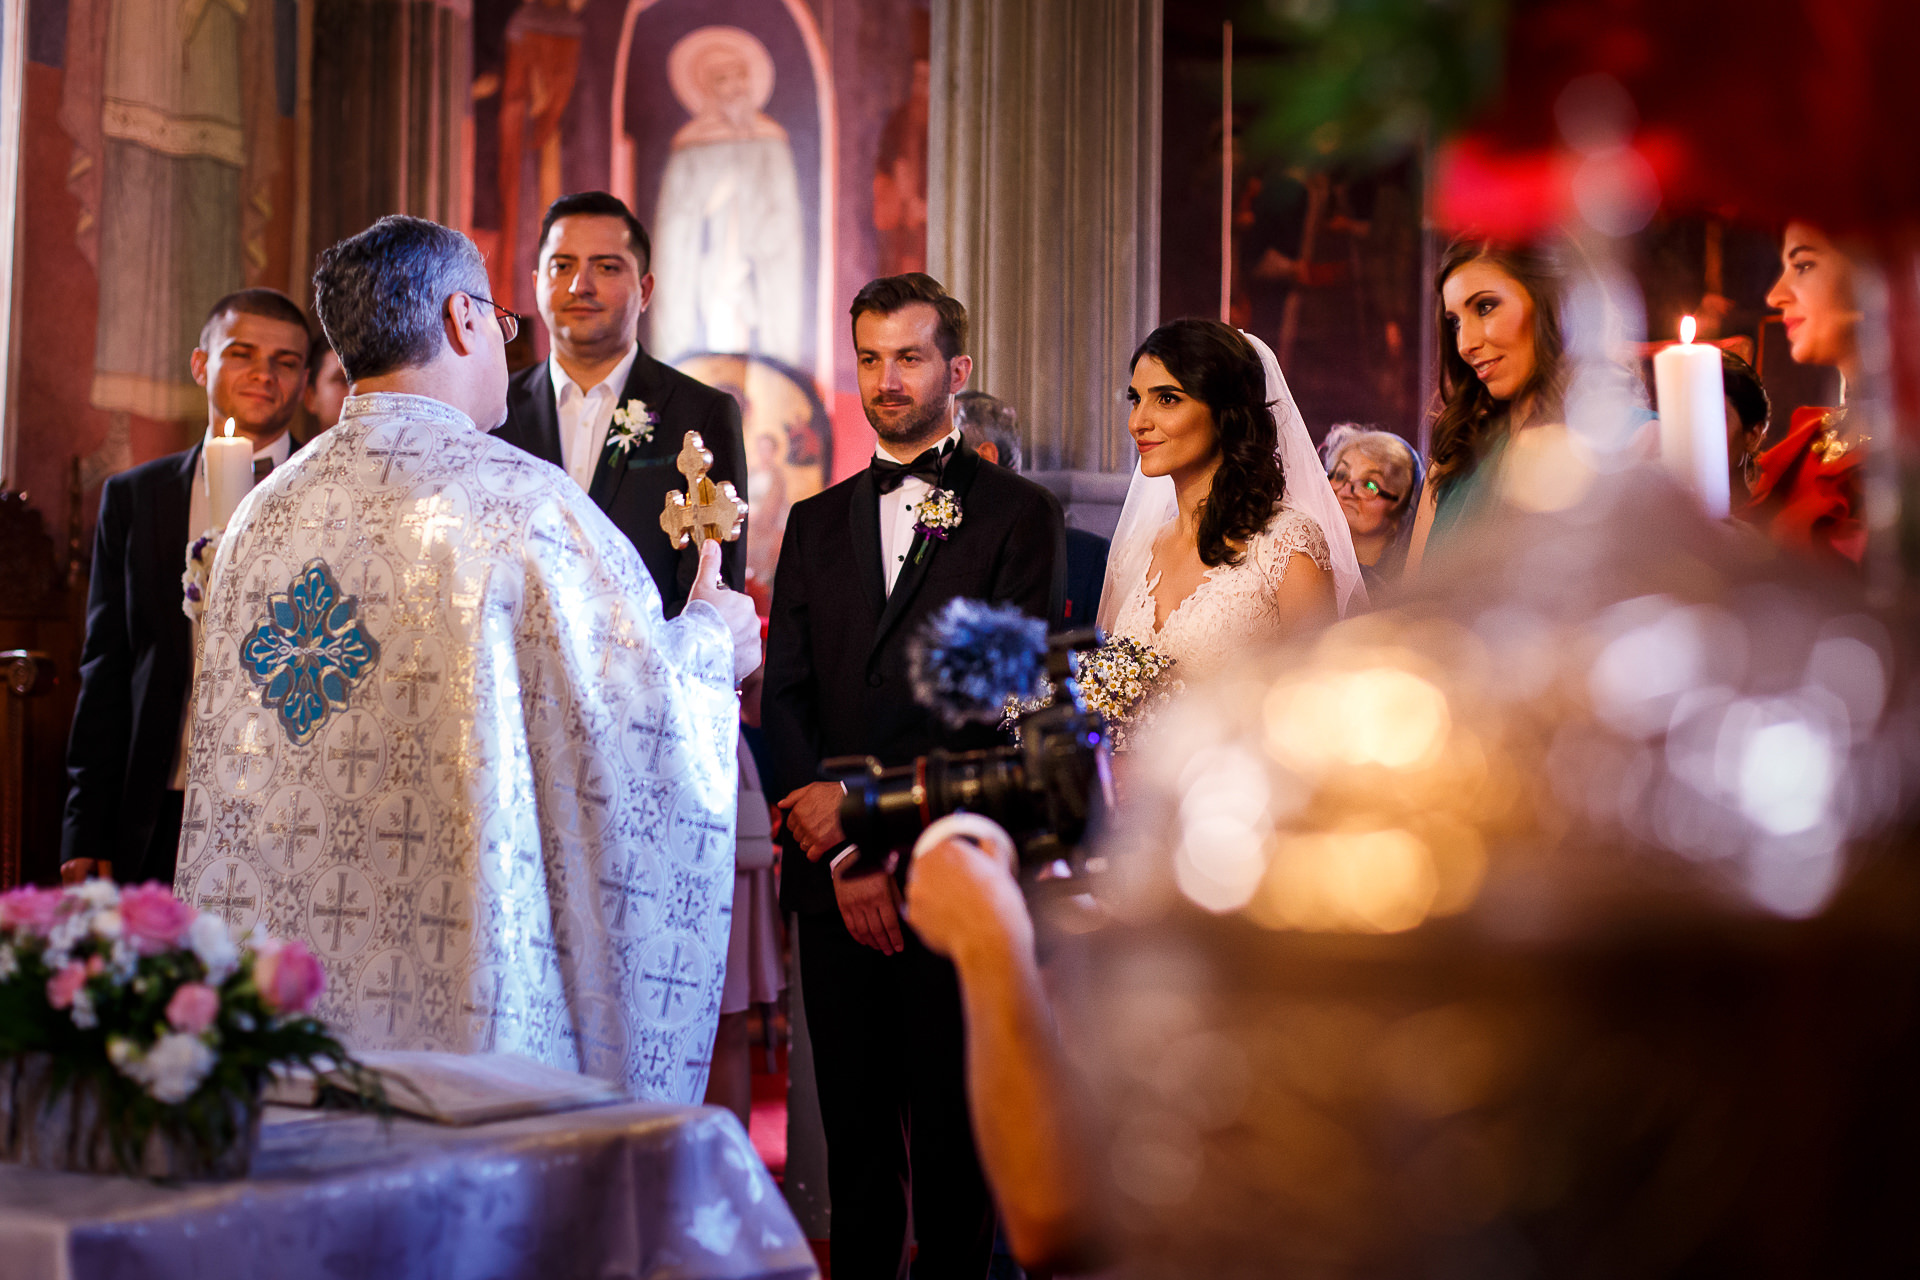 nuntă Salon Elisabeta - Elena şi Costin - Mihai Zaharia Photography - 042